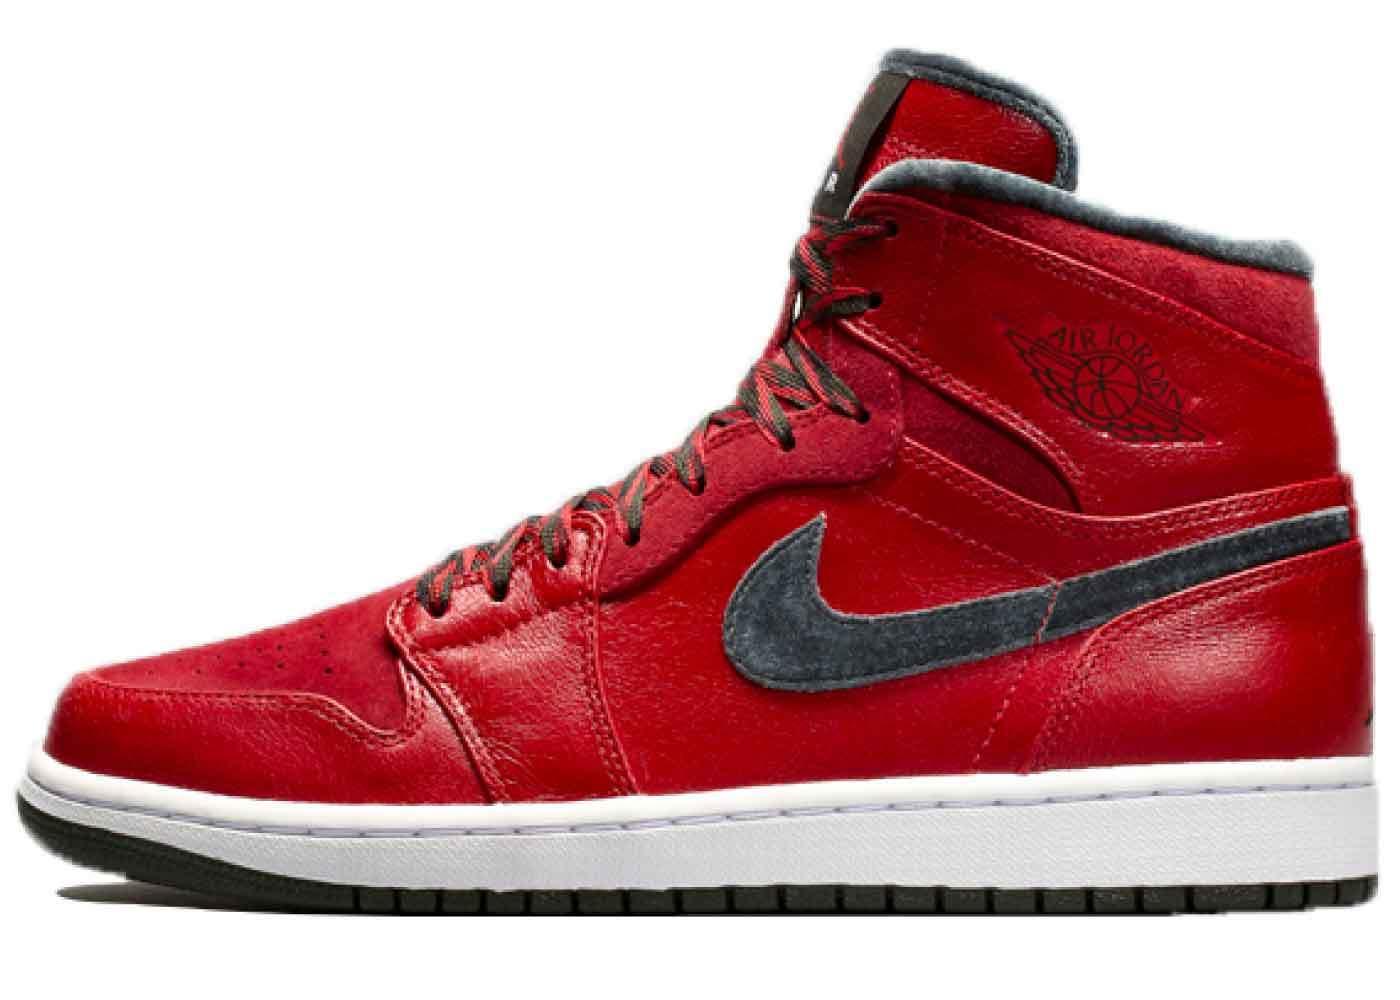 Nike Air Jordan 1 Retro Premier Red Gucci (2013)の写真